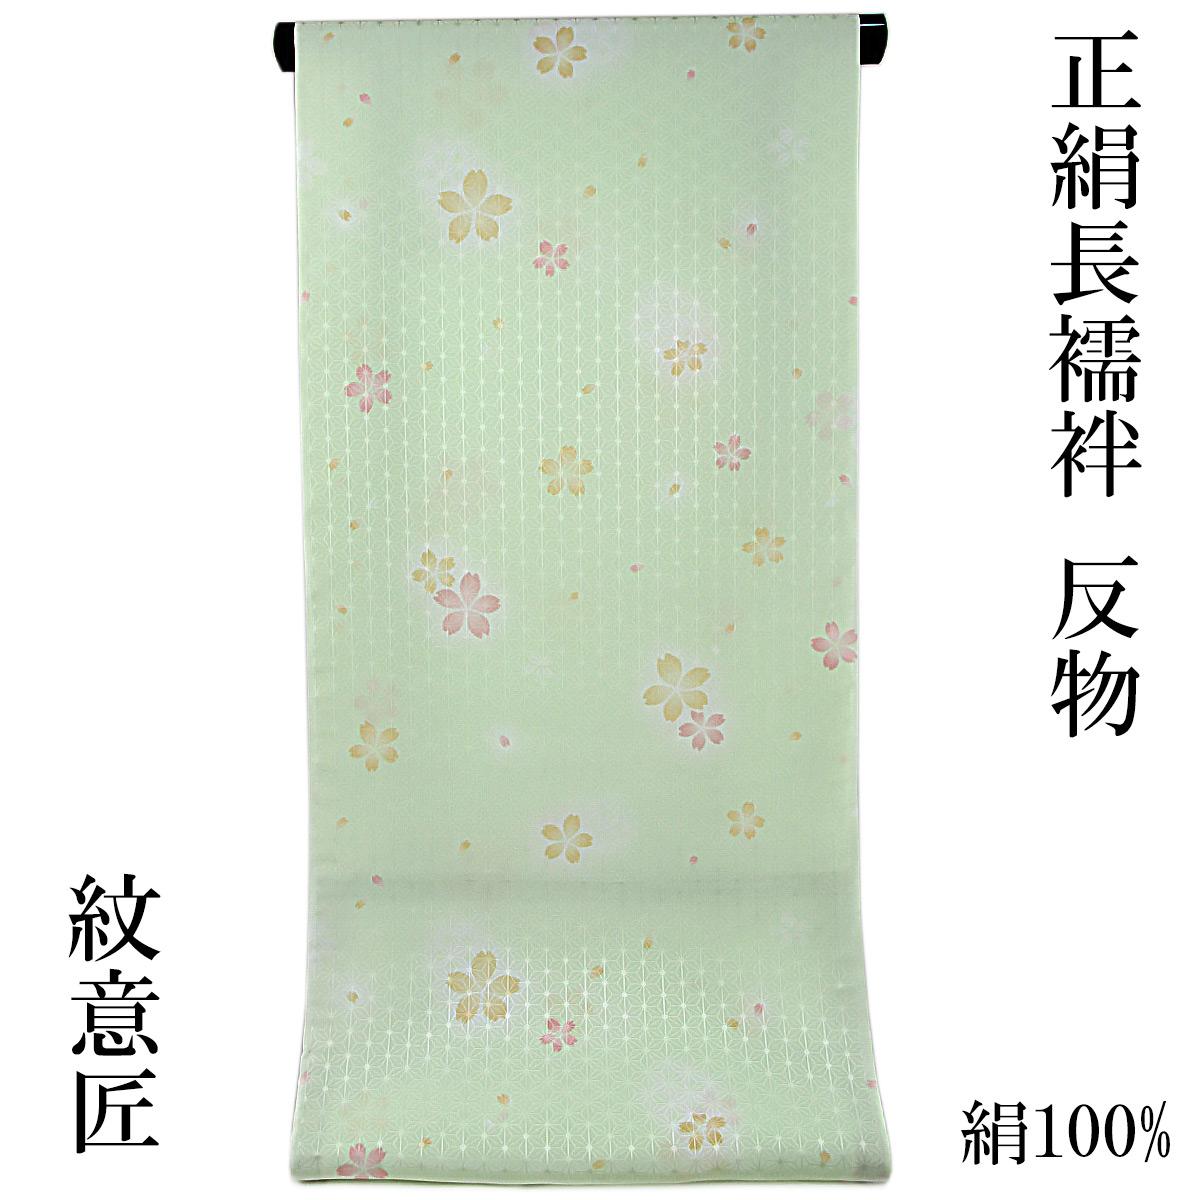 長襦袢 反物 正絹 -39- 紋意匠 友禅染 薄萌葱/麻の葉 桜 絹100%